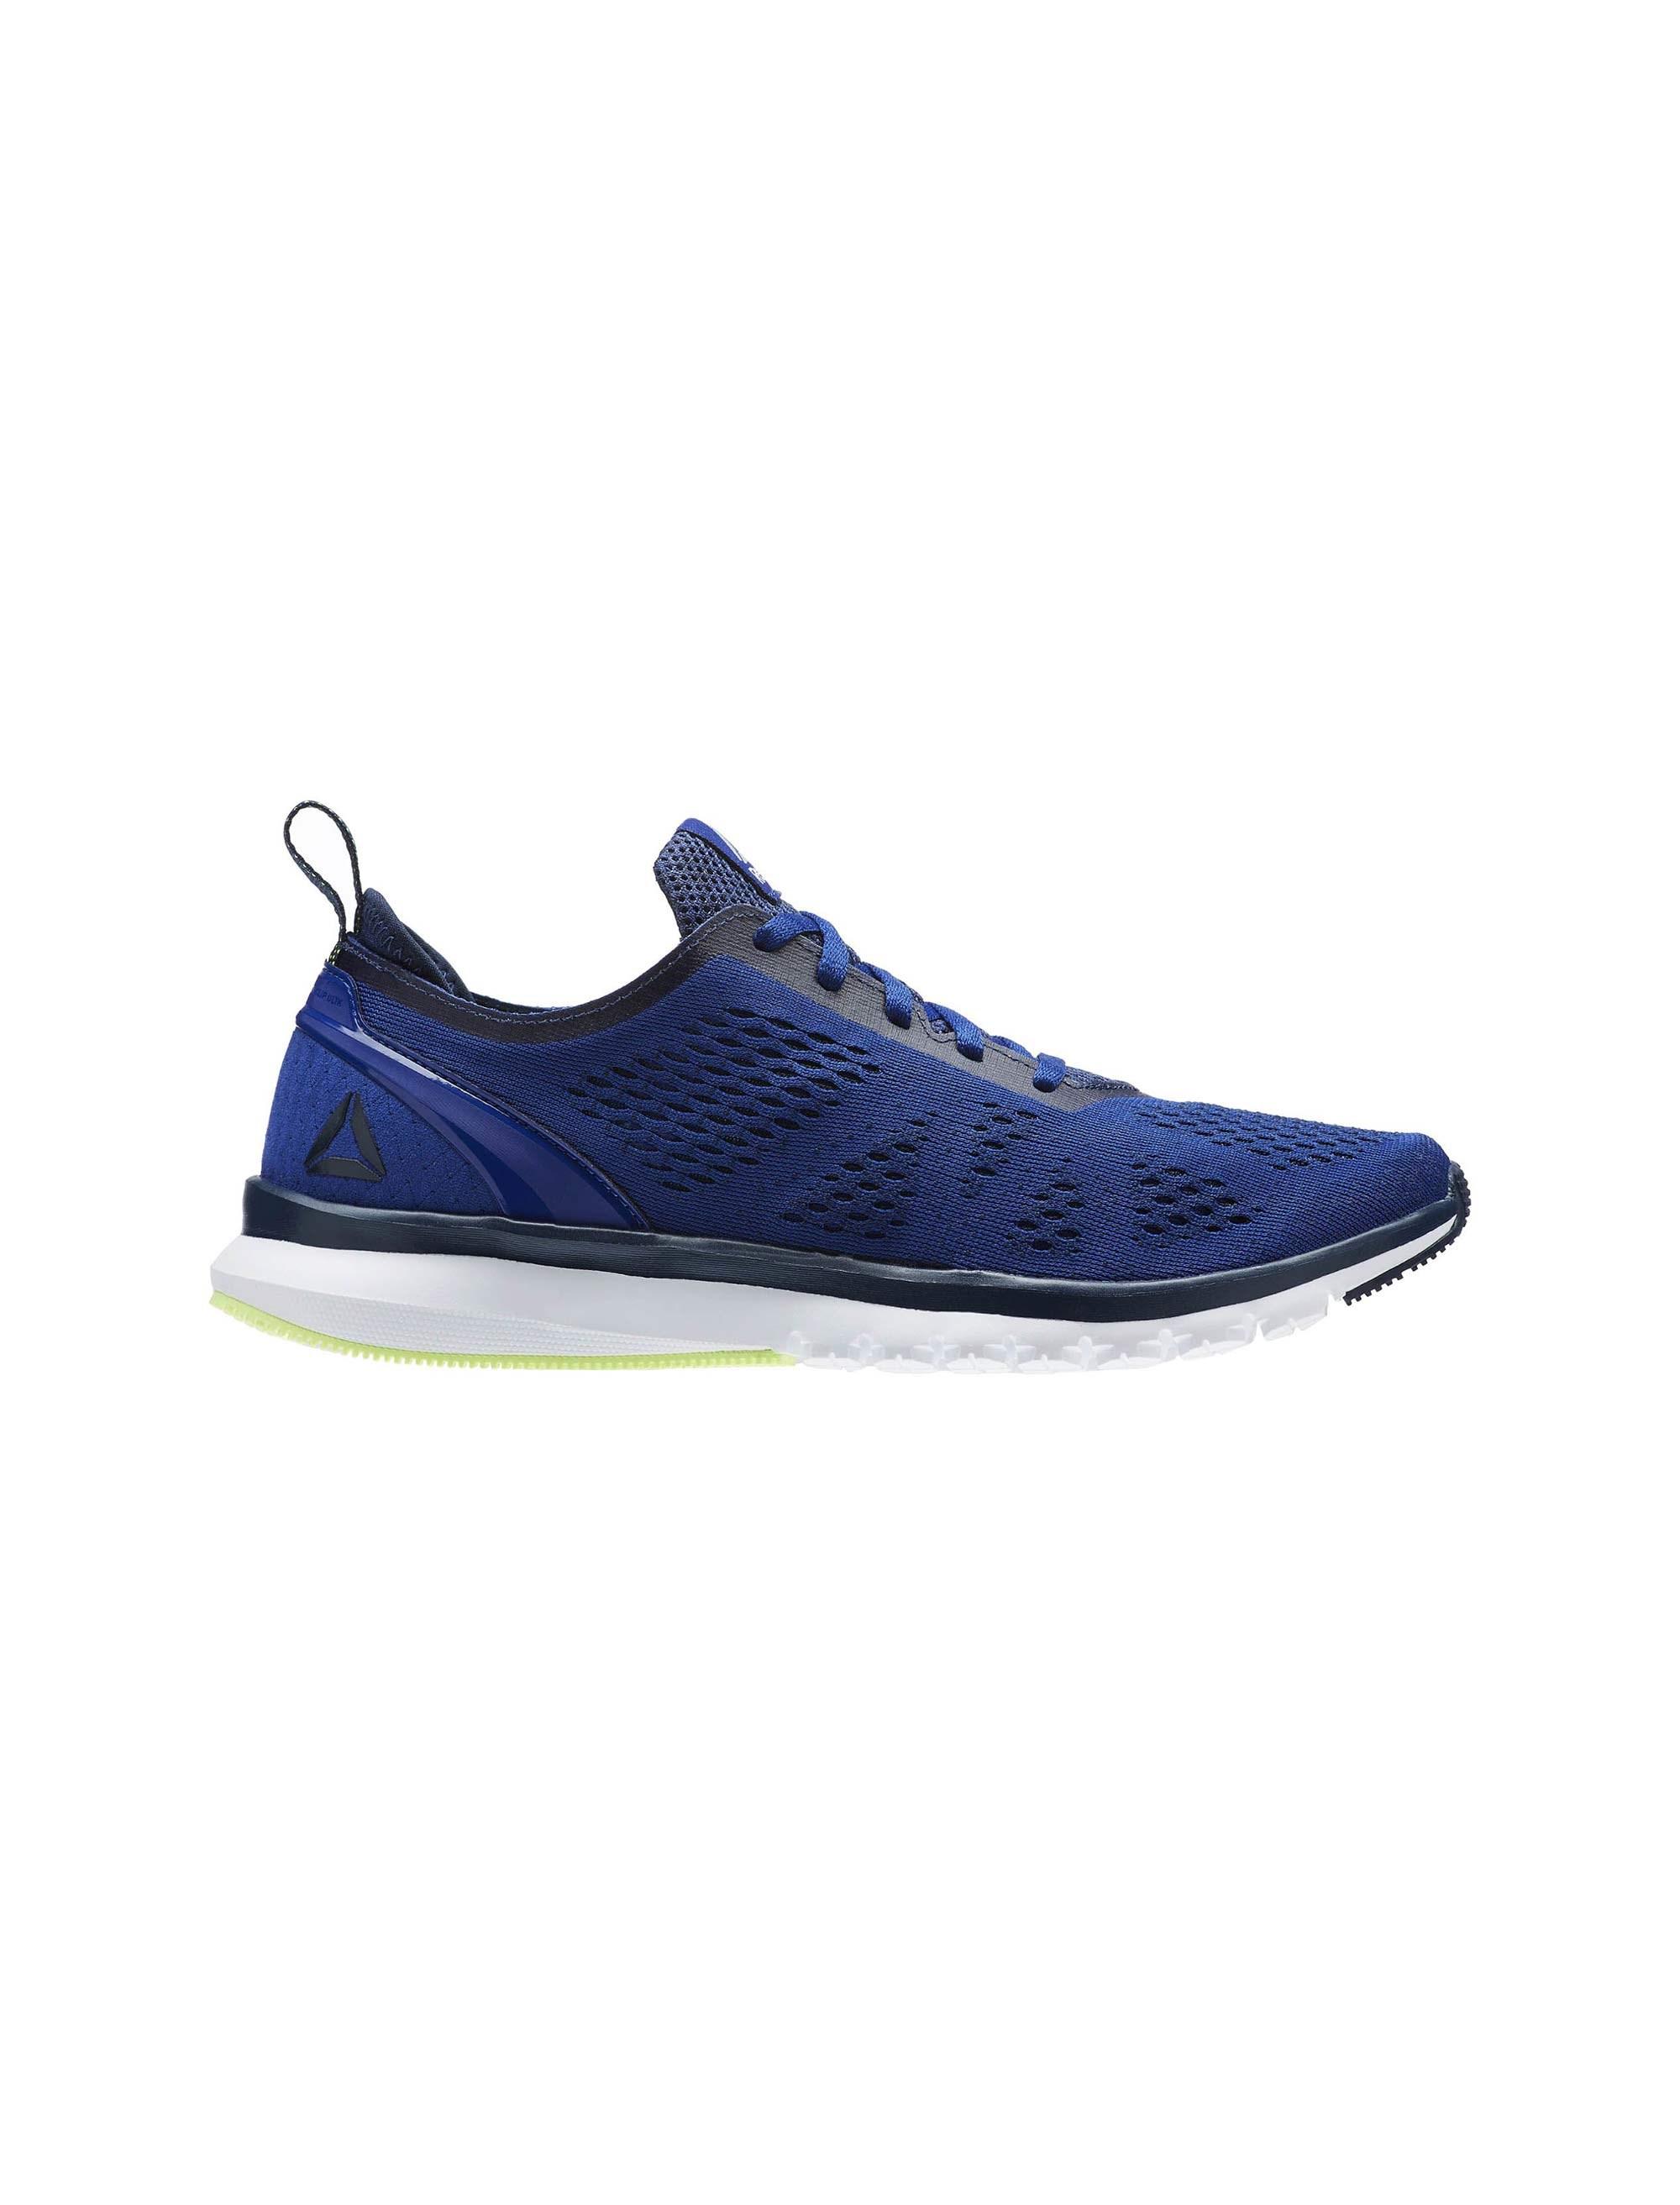 قیمت کفش مخصوص دویدن مردانه ریباک مدل Smooth Clip Ultraknit